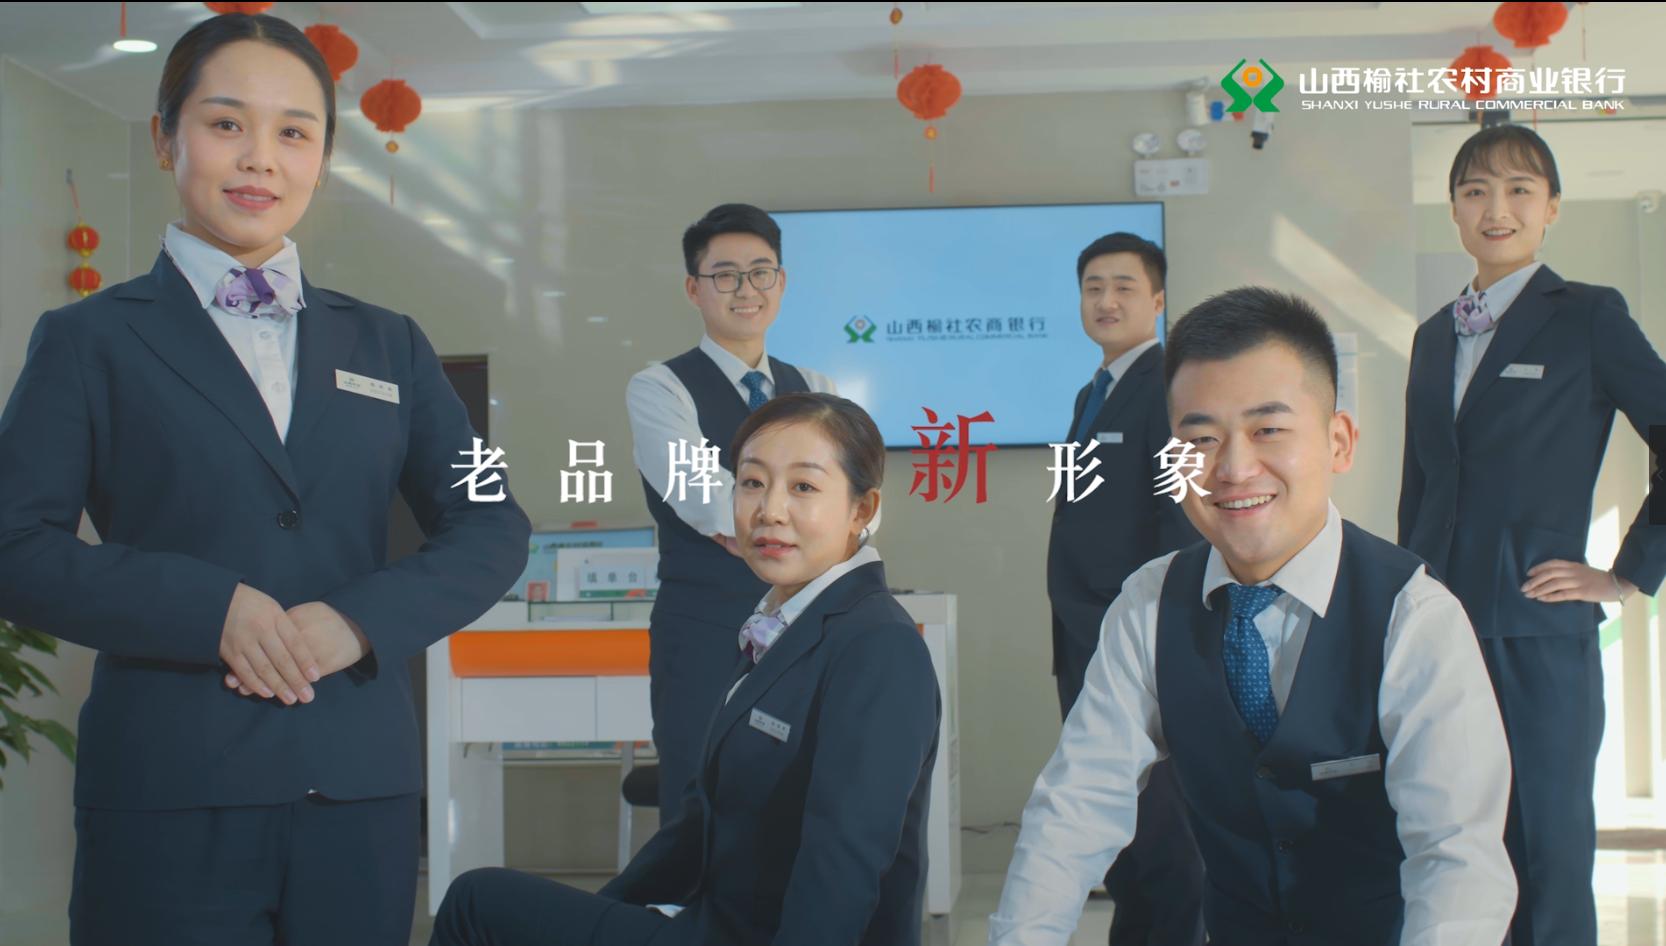 榆社农商银行拜年广告